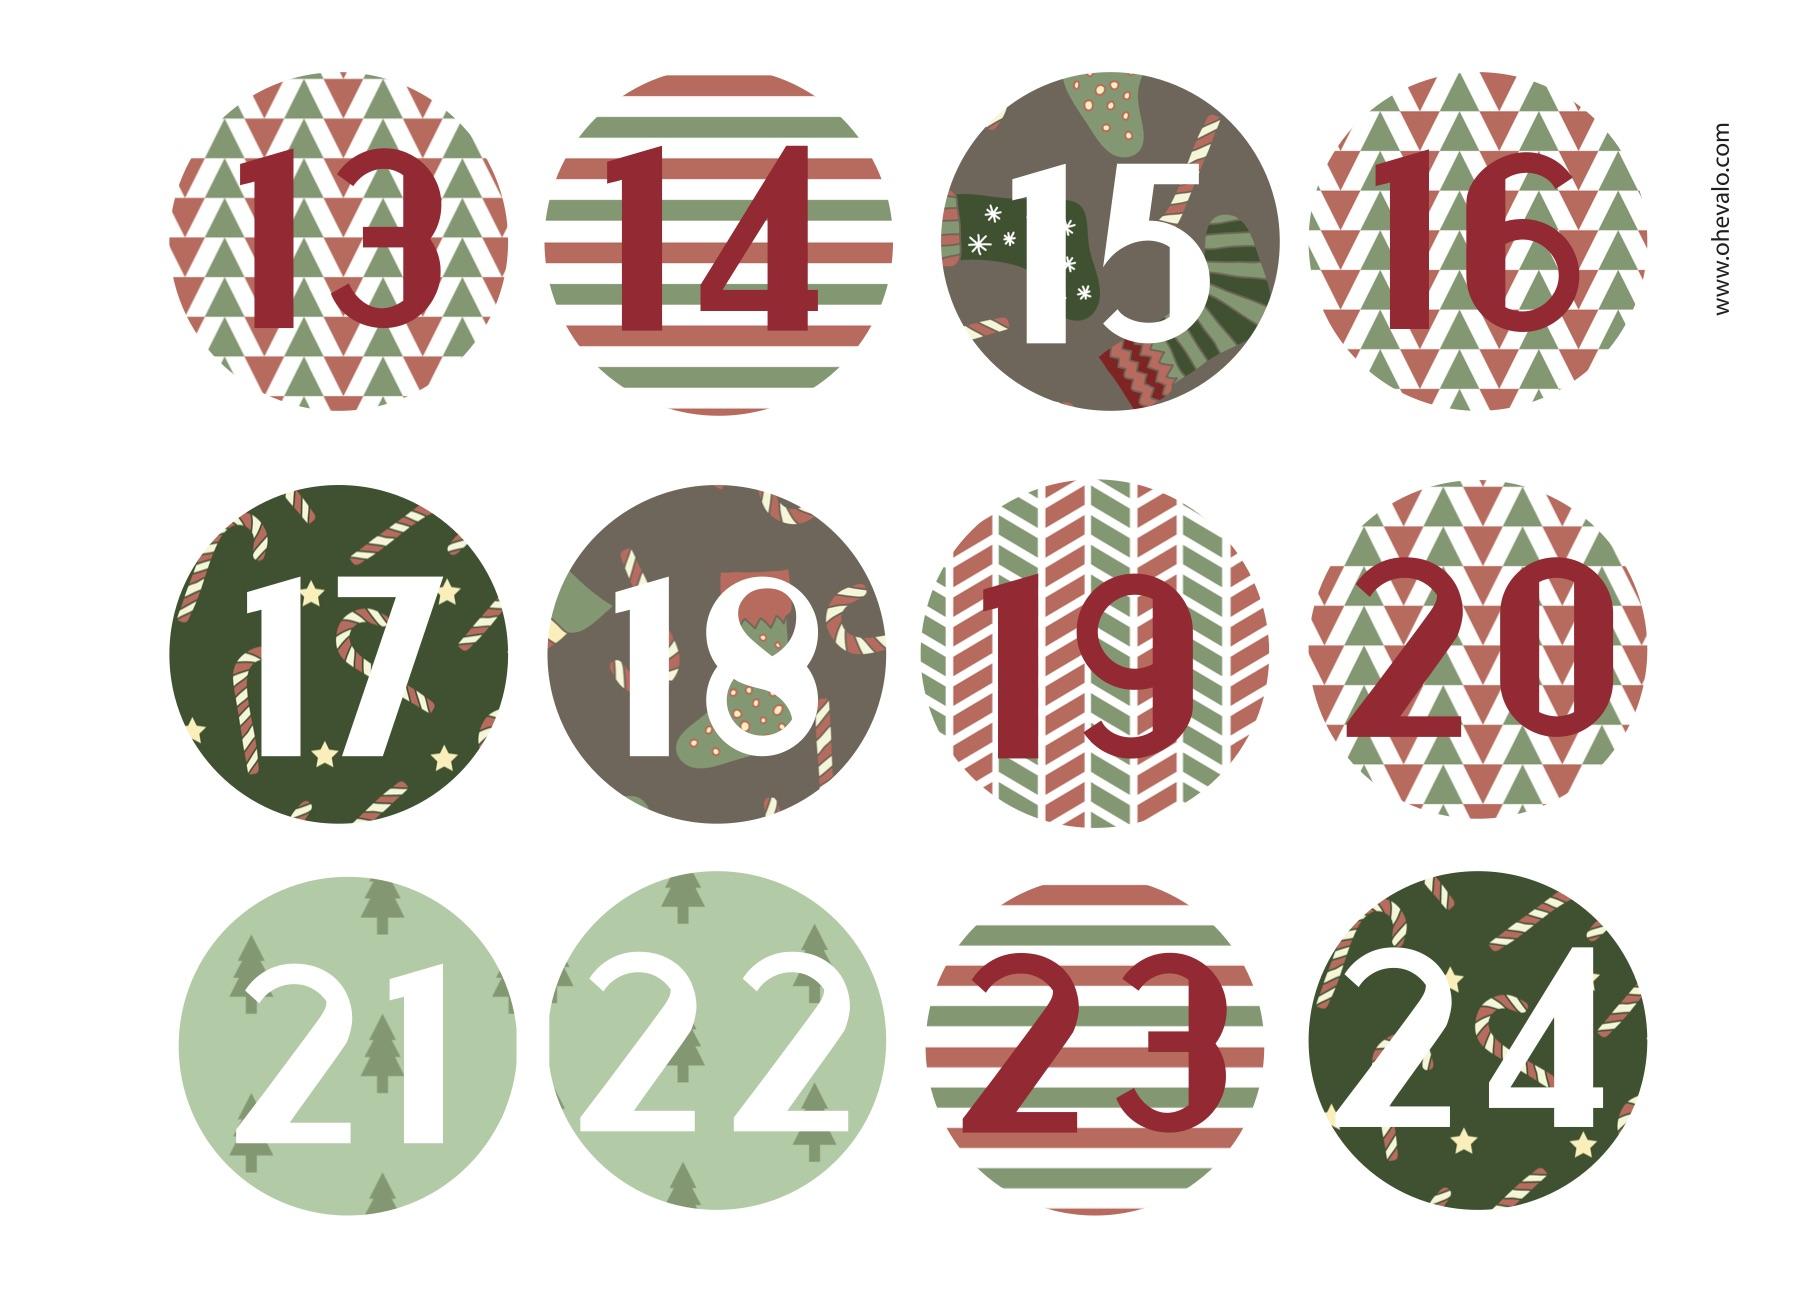 numeros-calendario-adviento